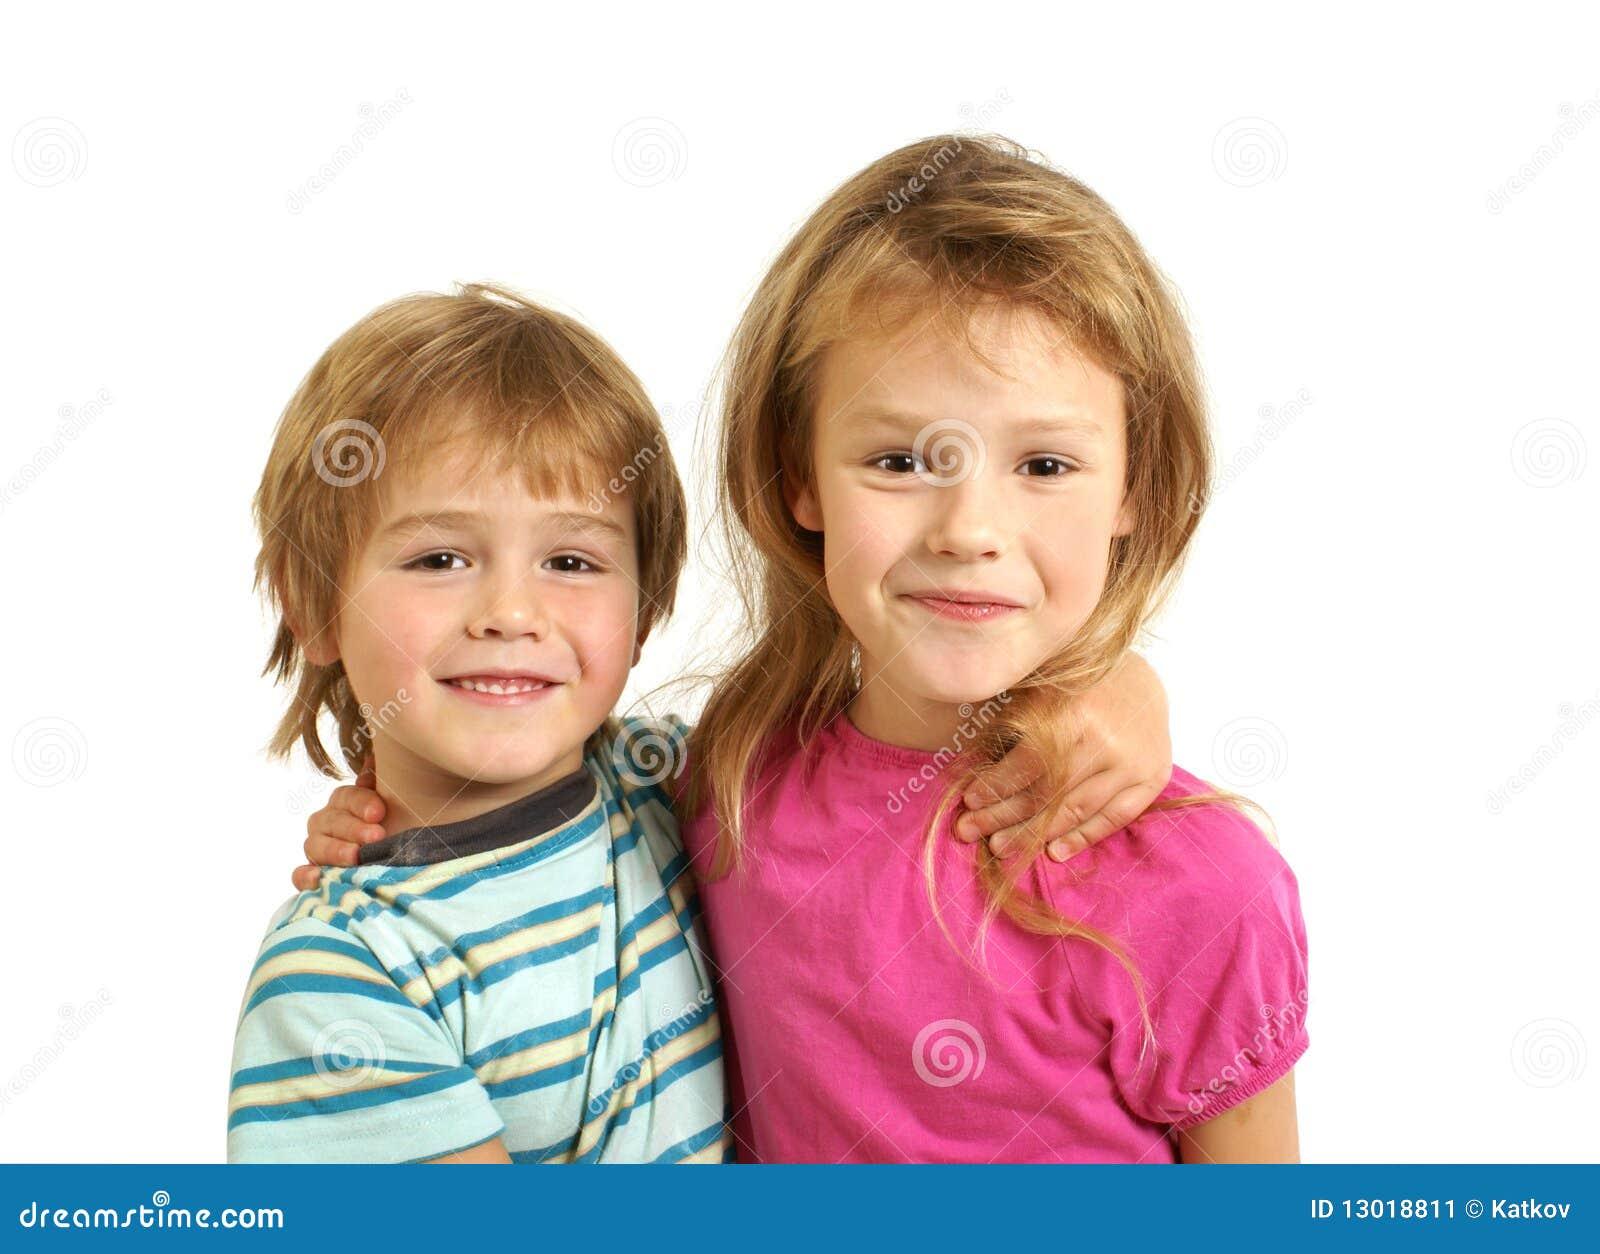 Fratello e sorella immagine stock immagine 13018811 - Fratello e sorella a letto insieme ...